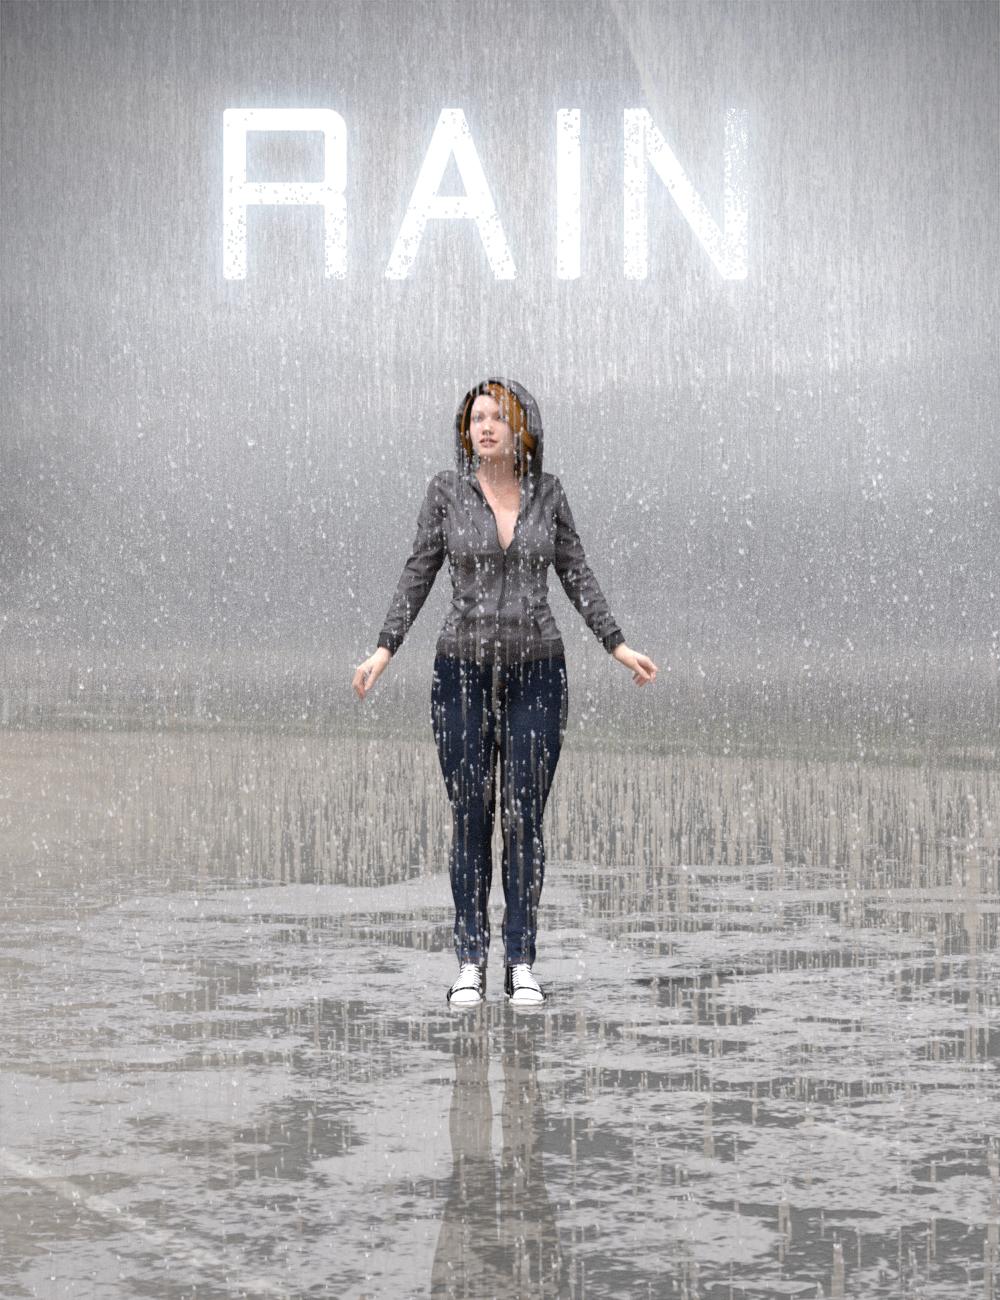 Iray Rain by: KindredArts, 3D Models by Daz 3D